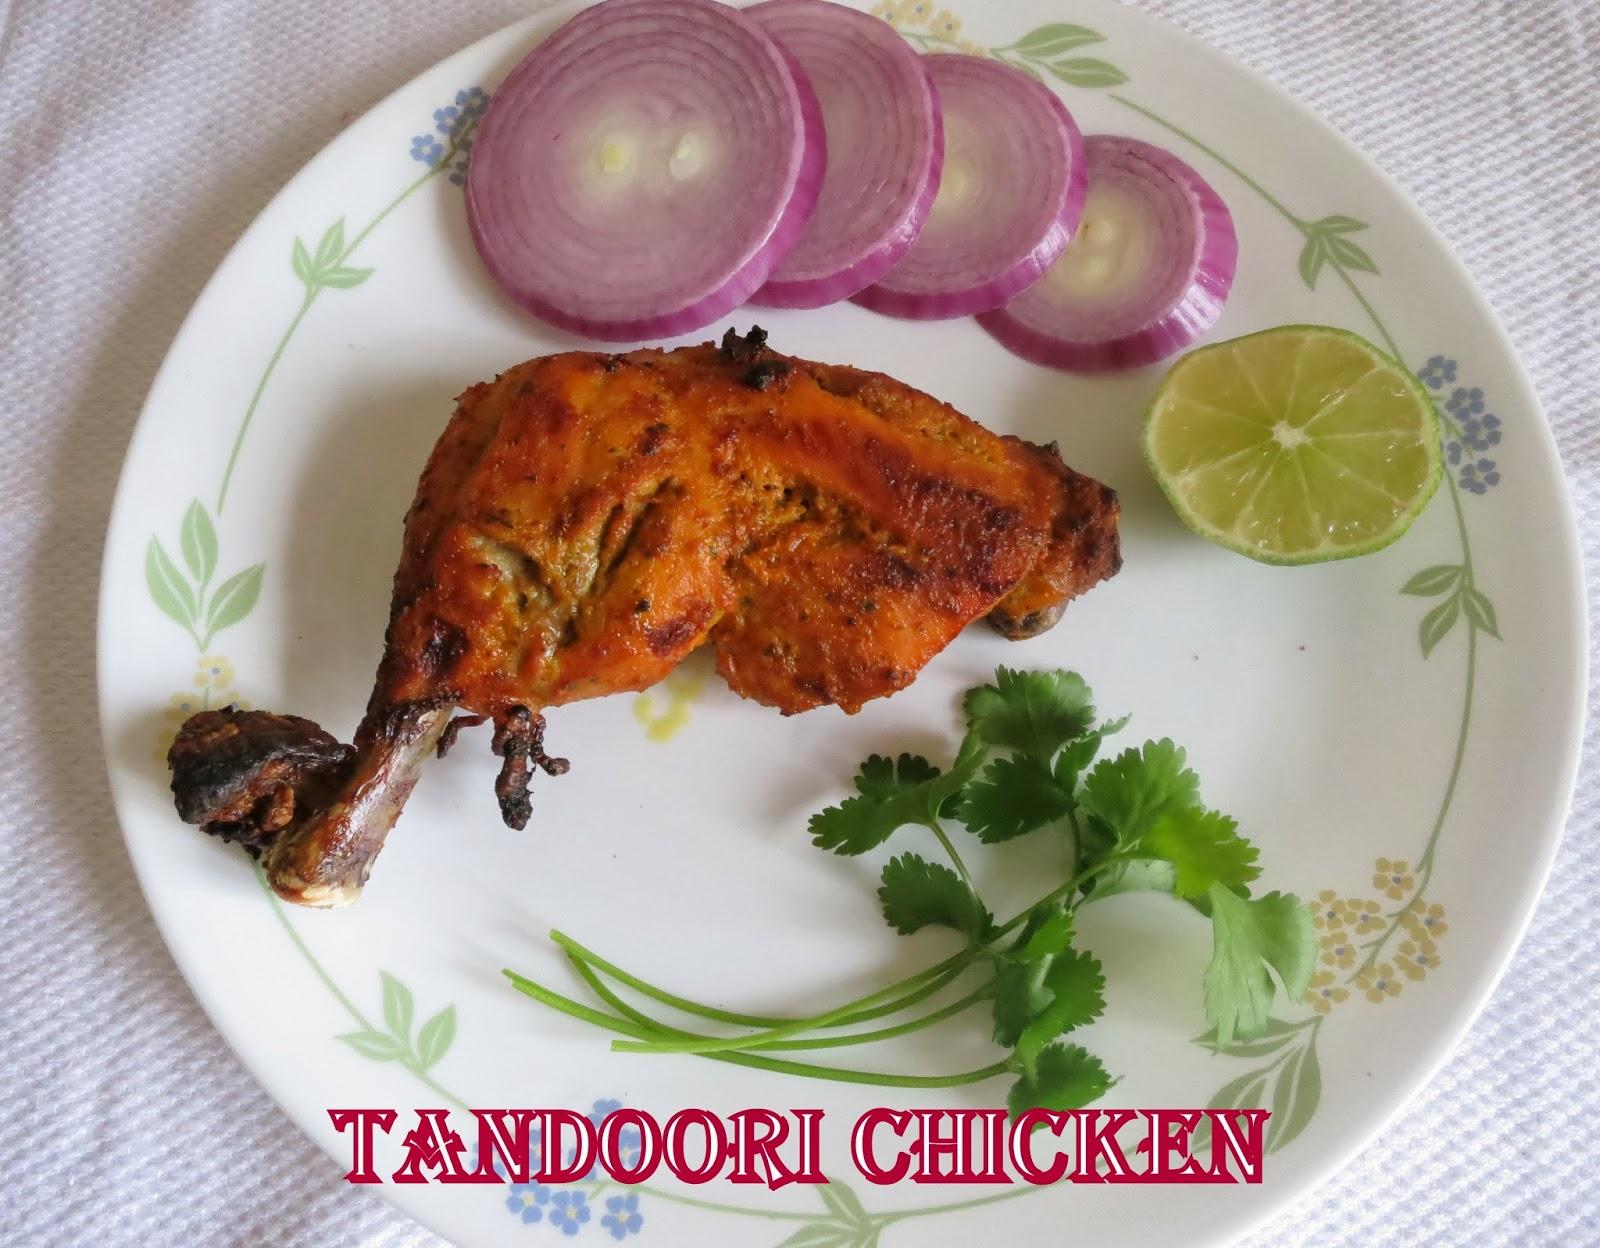 Simply Delicious Tandoori Chicken